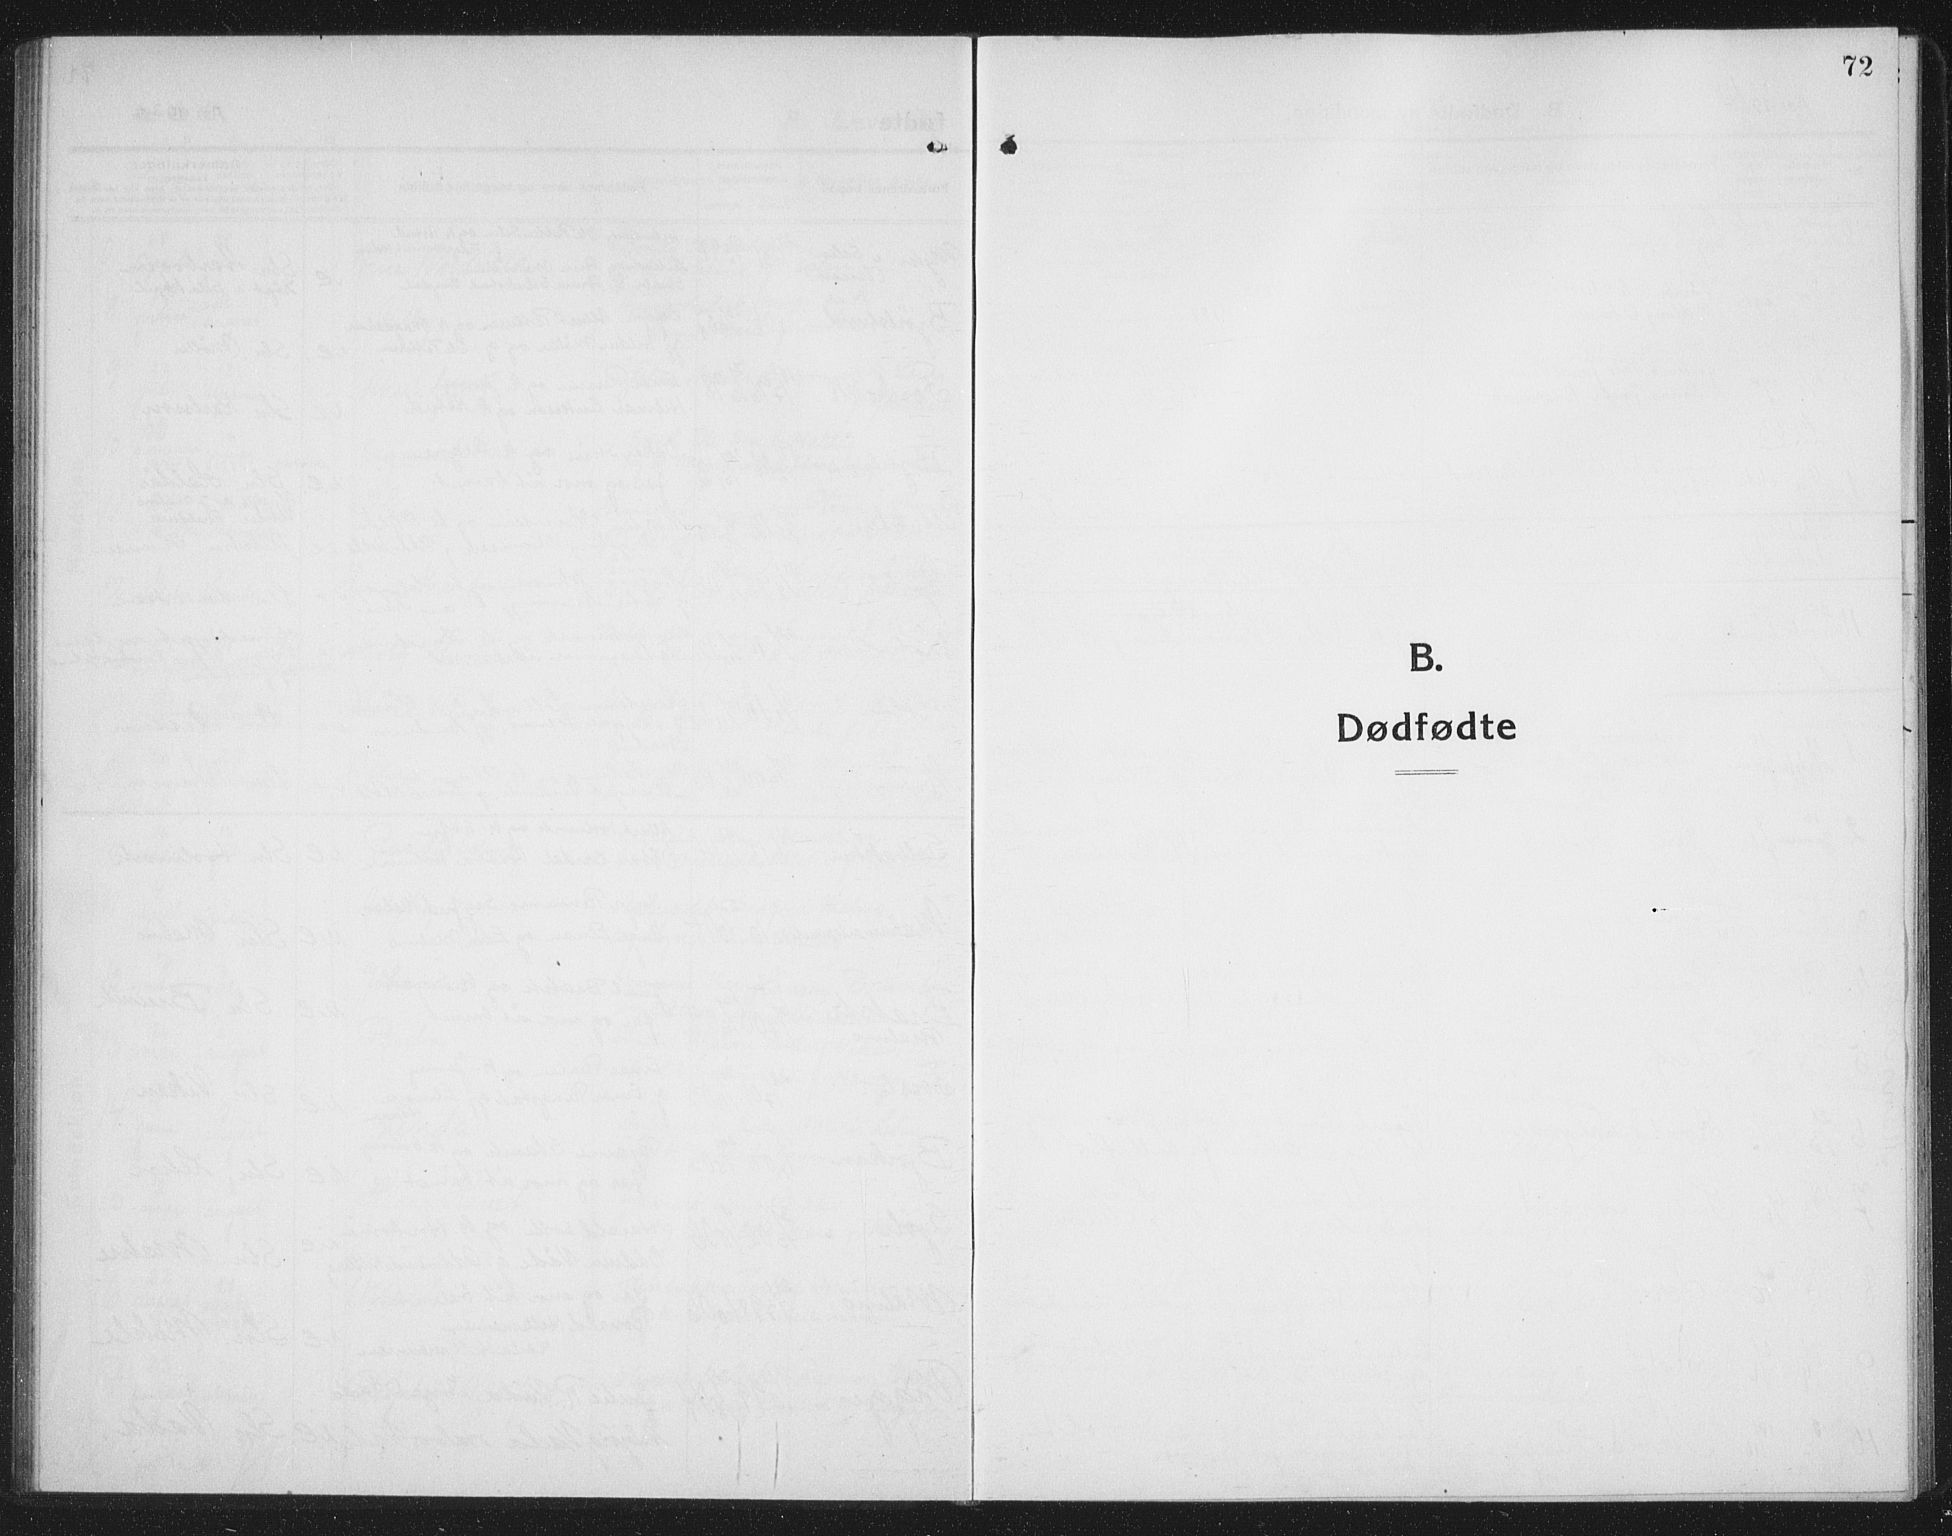 SAT, Ministerialprotokoller, klokkerbøker og fødselsregistre - Nord-Trøndelag, 745/L0434: Klokkerbok nr. 745C03, 1914-1937, s. 72